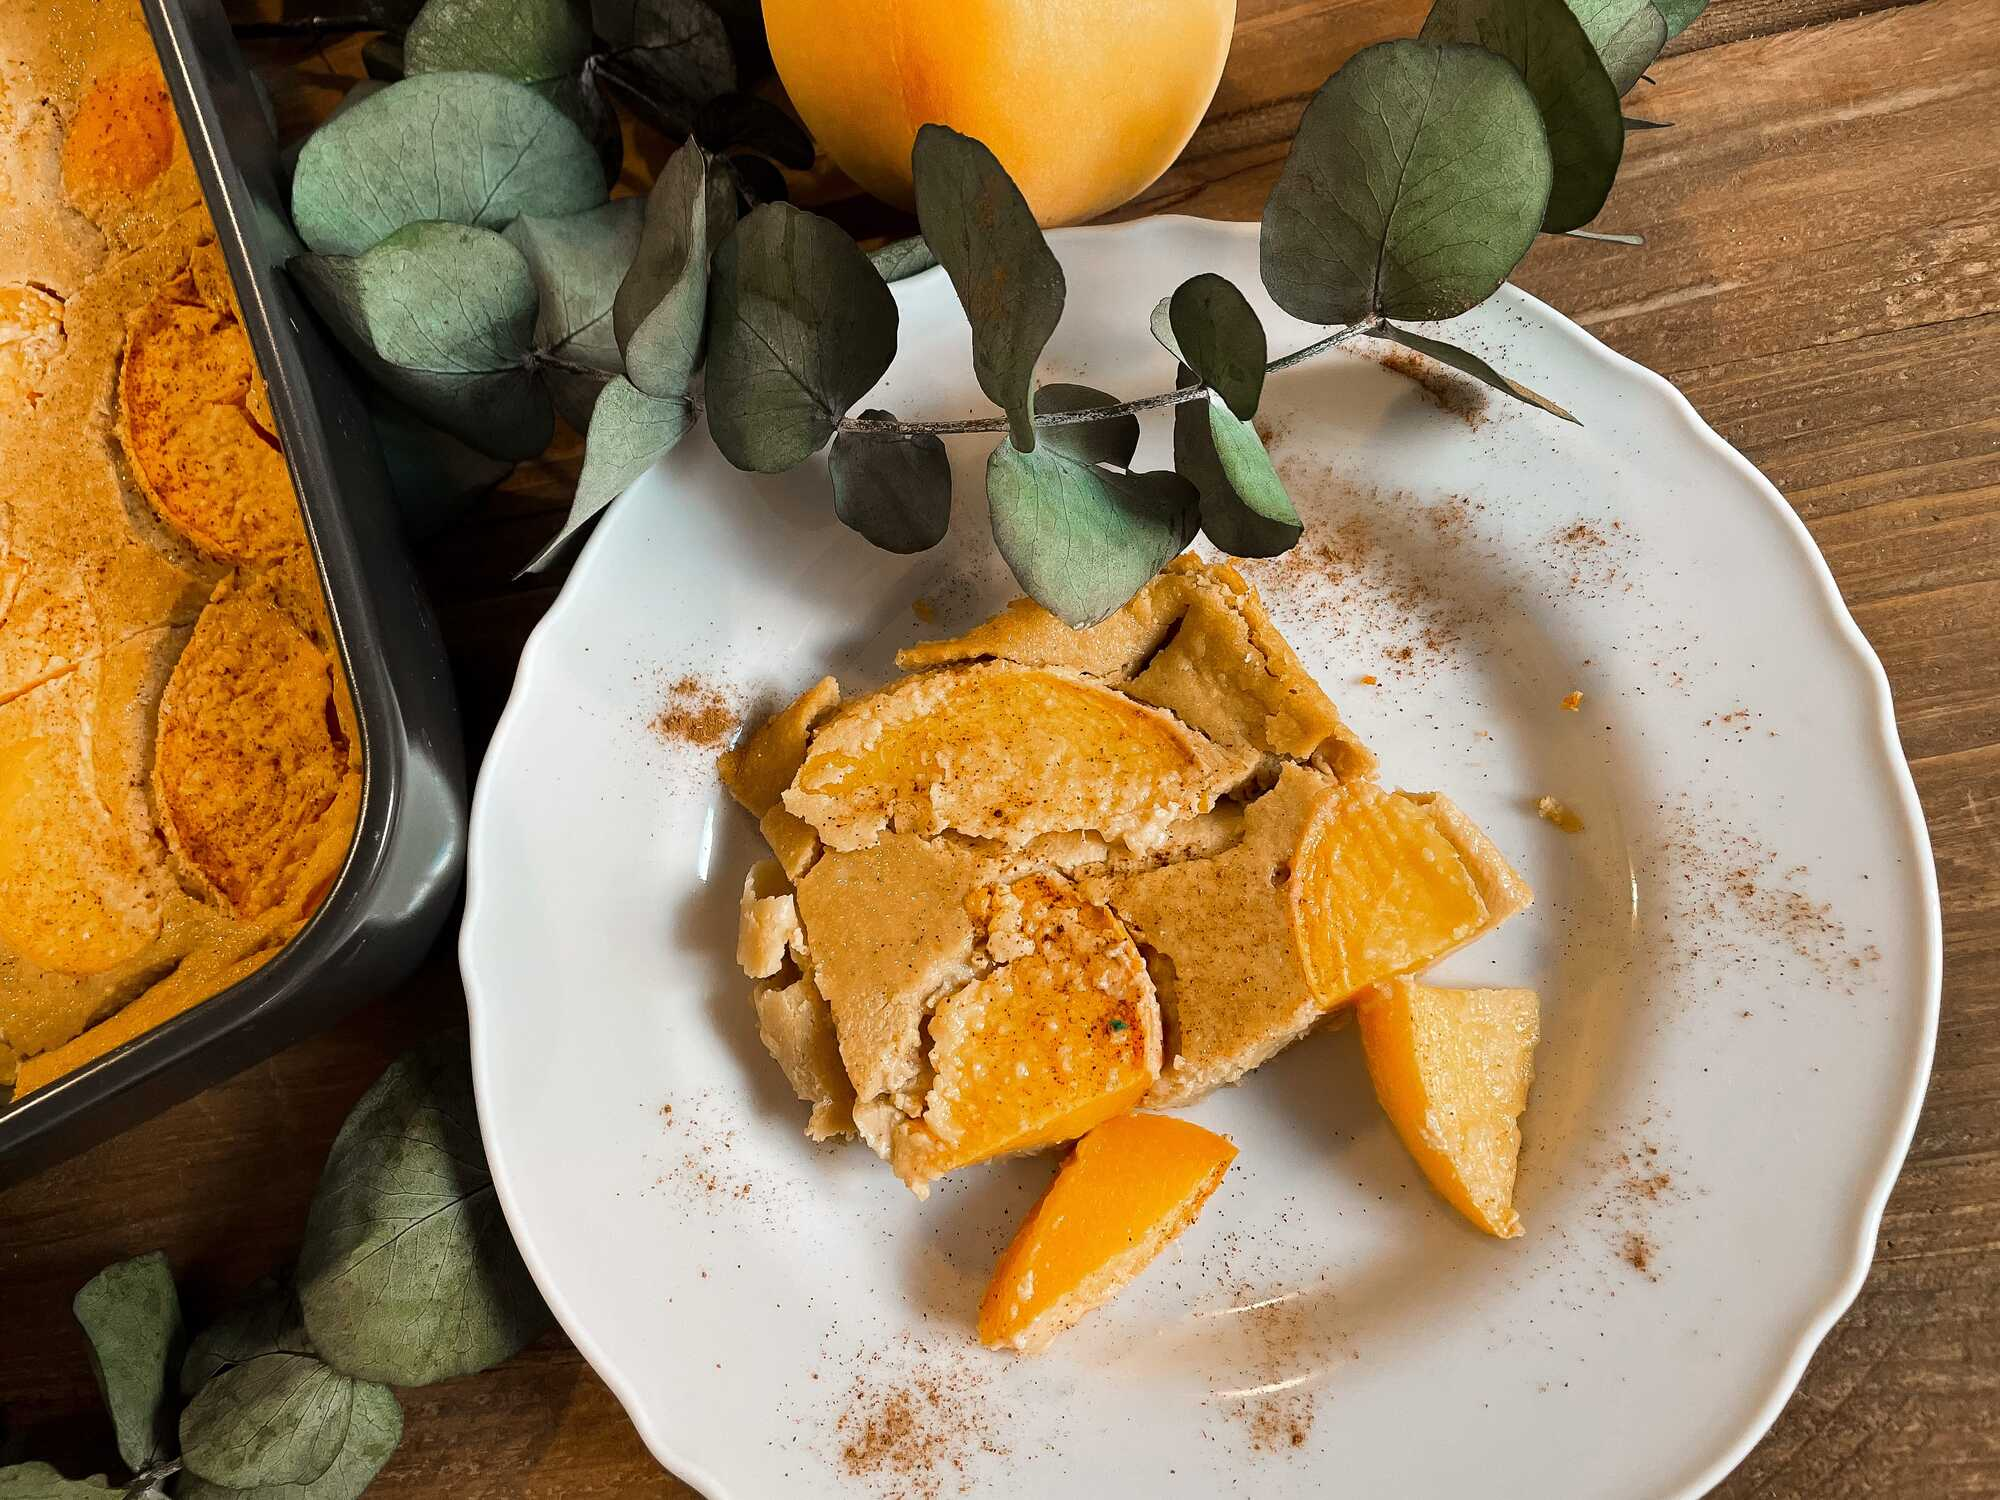 Le Cuajada après cuisson prend la couleur des pêches (jaune-orangé). Présenté dans une assiette creuse , il est coupé en morceaux inégaux.